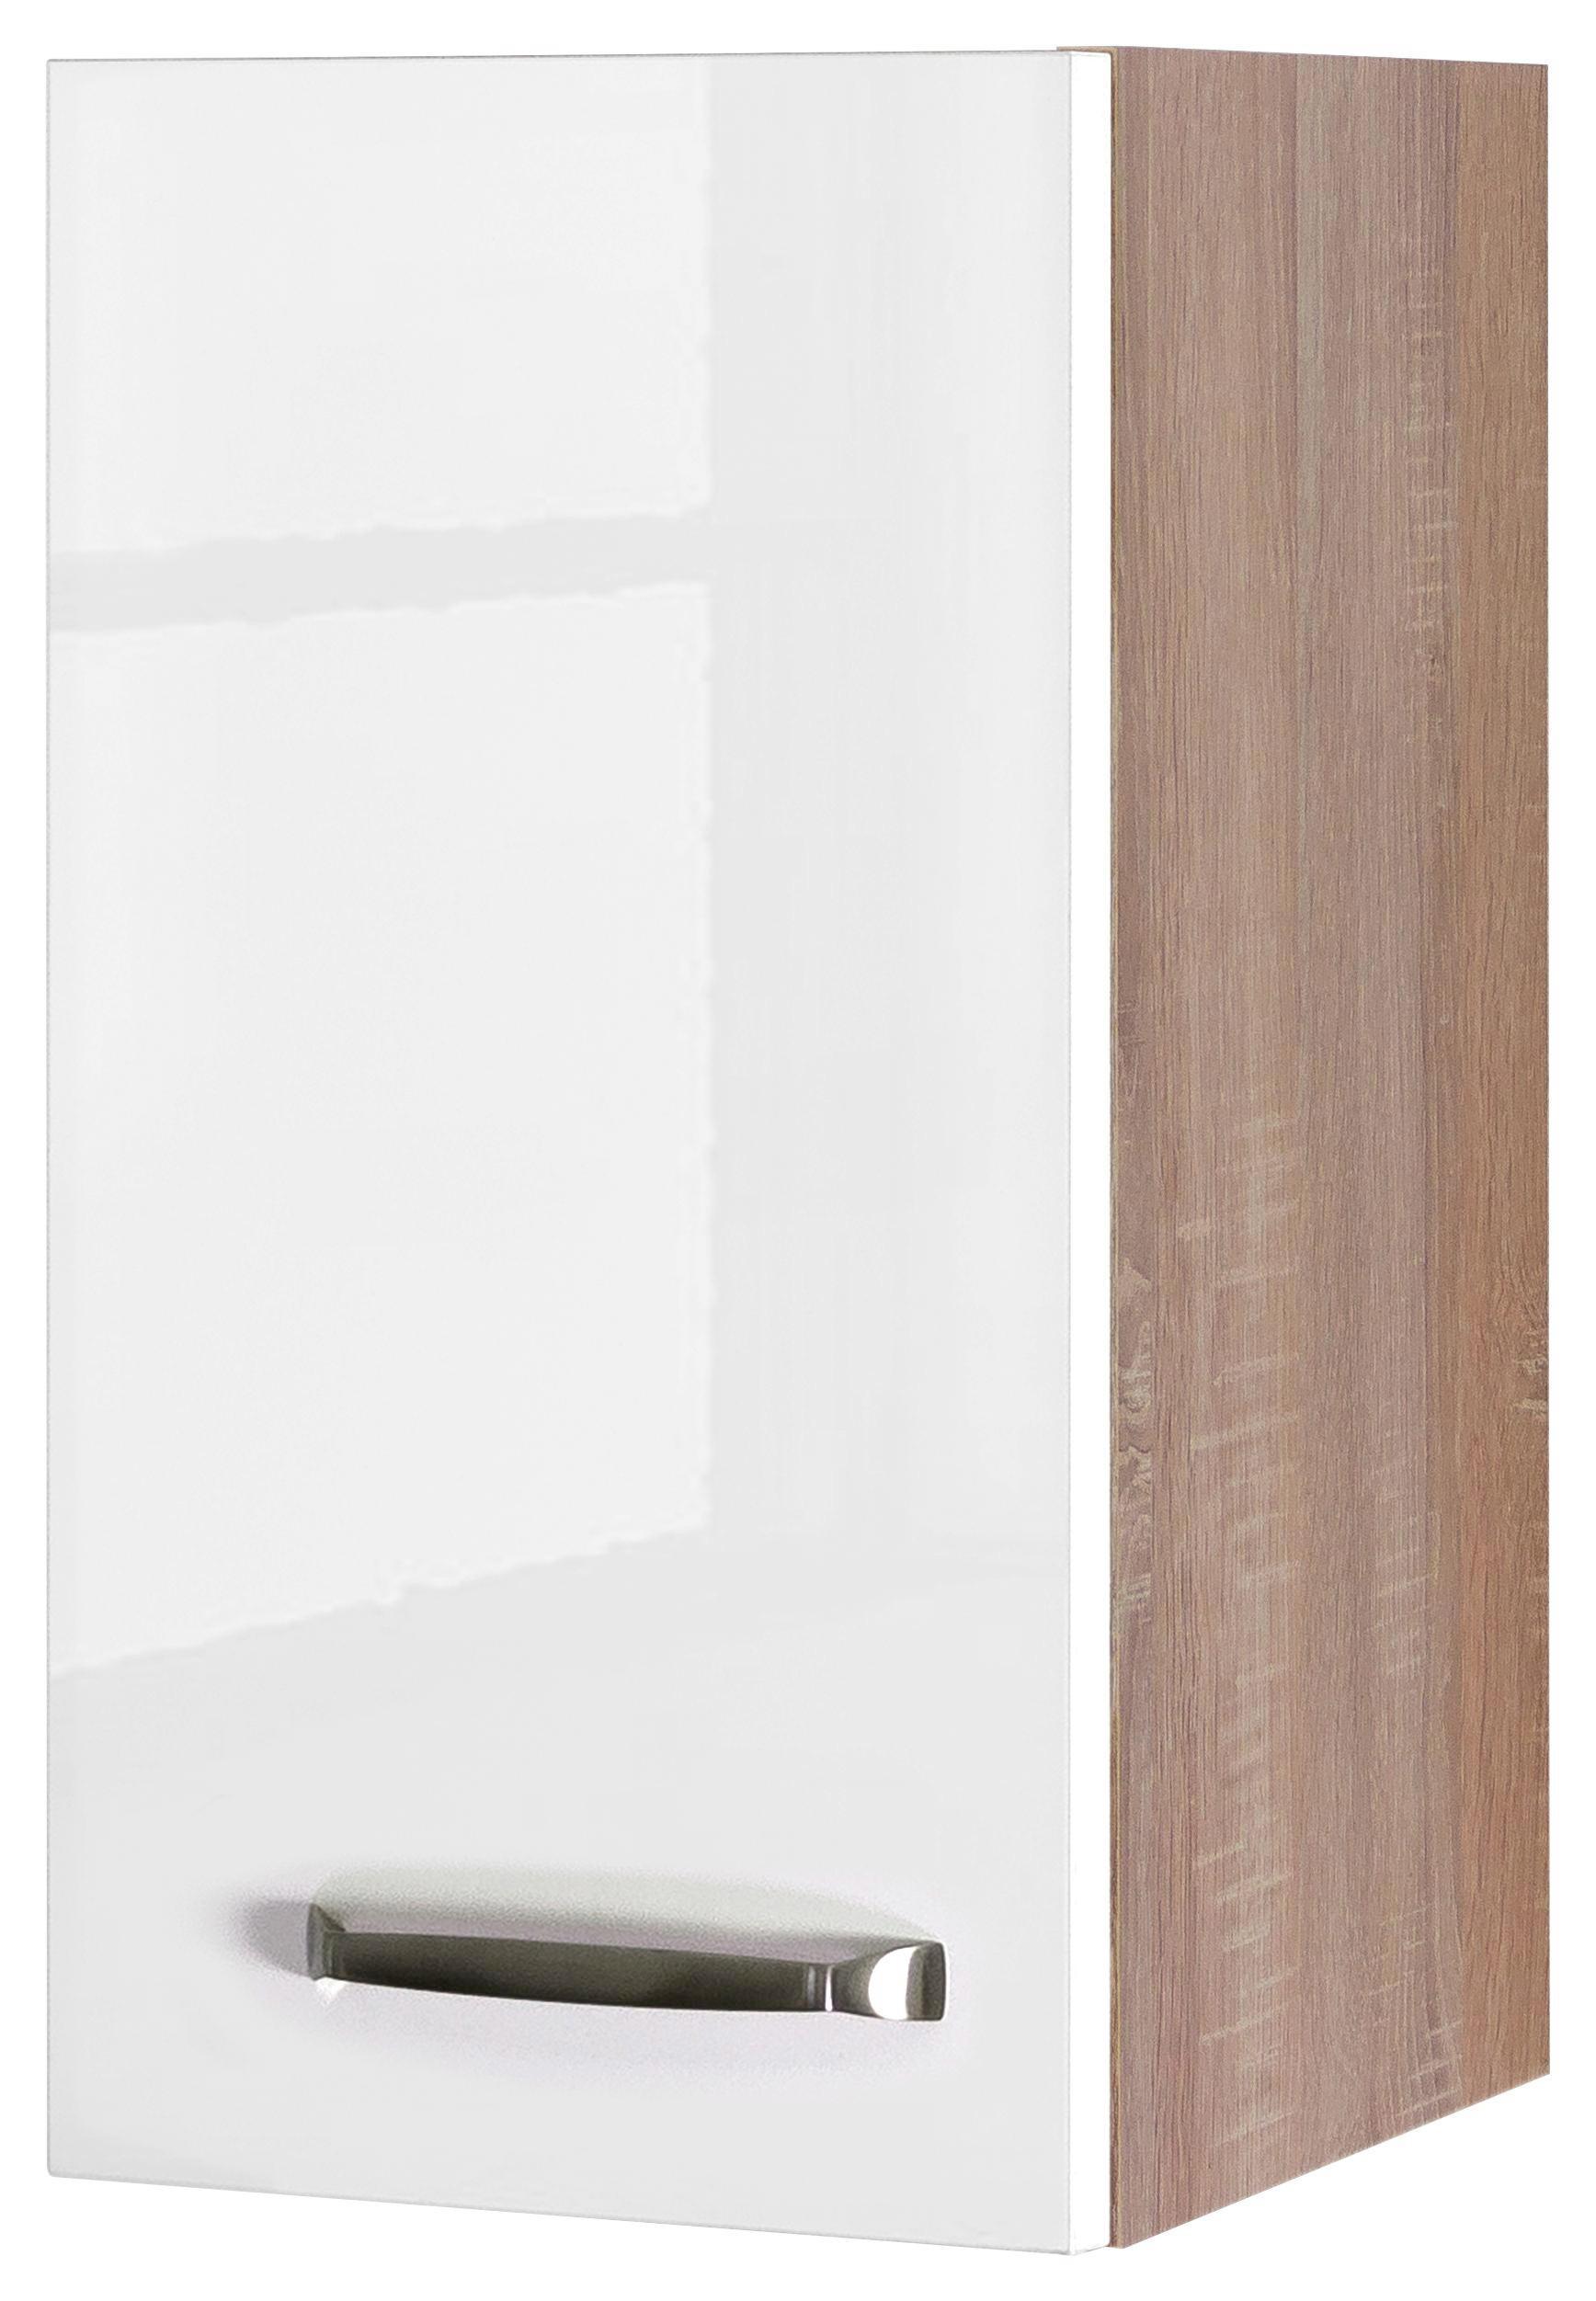 Küchenoberschrank Korpus ~ küchenoberschrank weiß hochglanz eiche online kaufen mömax